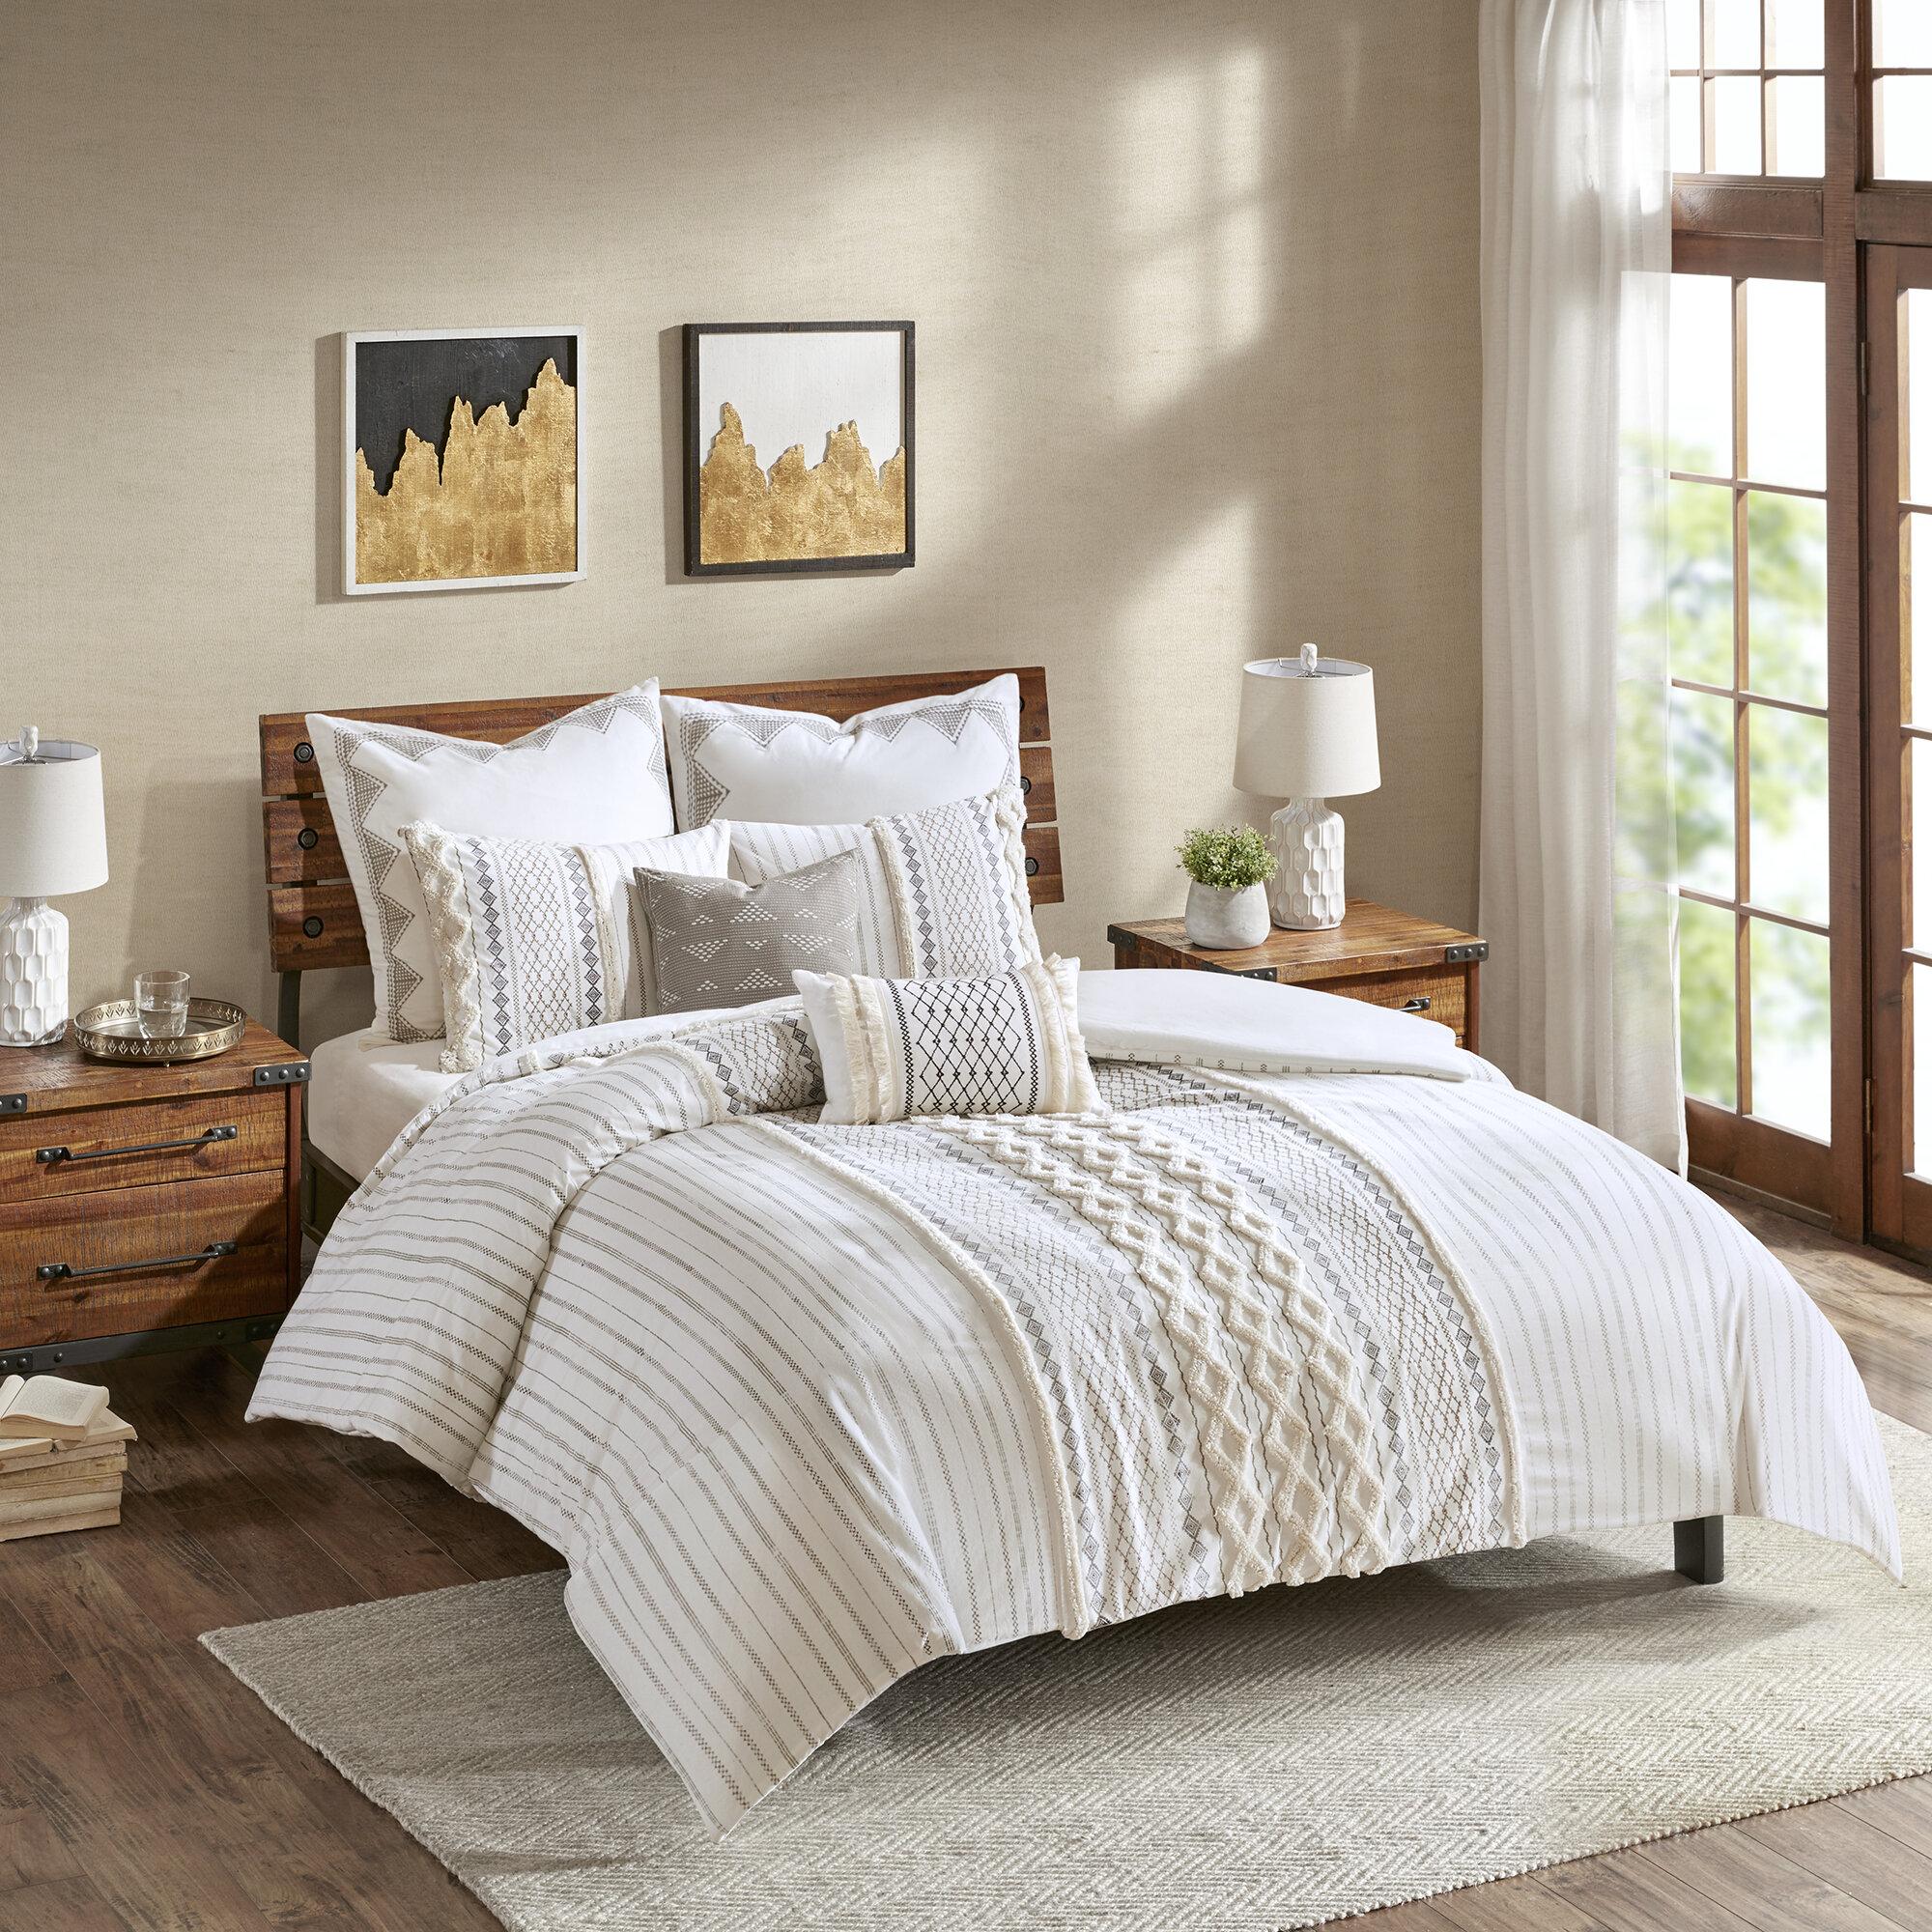 Jenkinsburg Comforter Set Reviews Allmodern